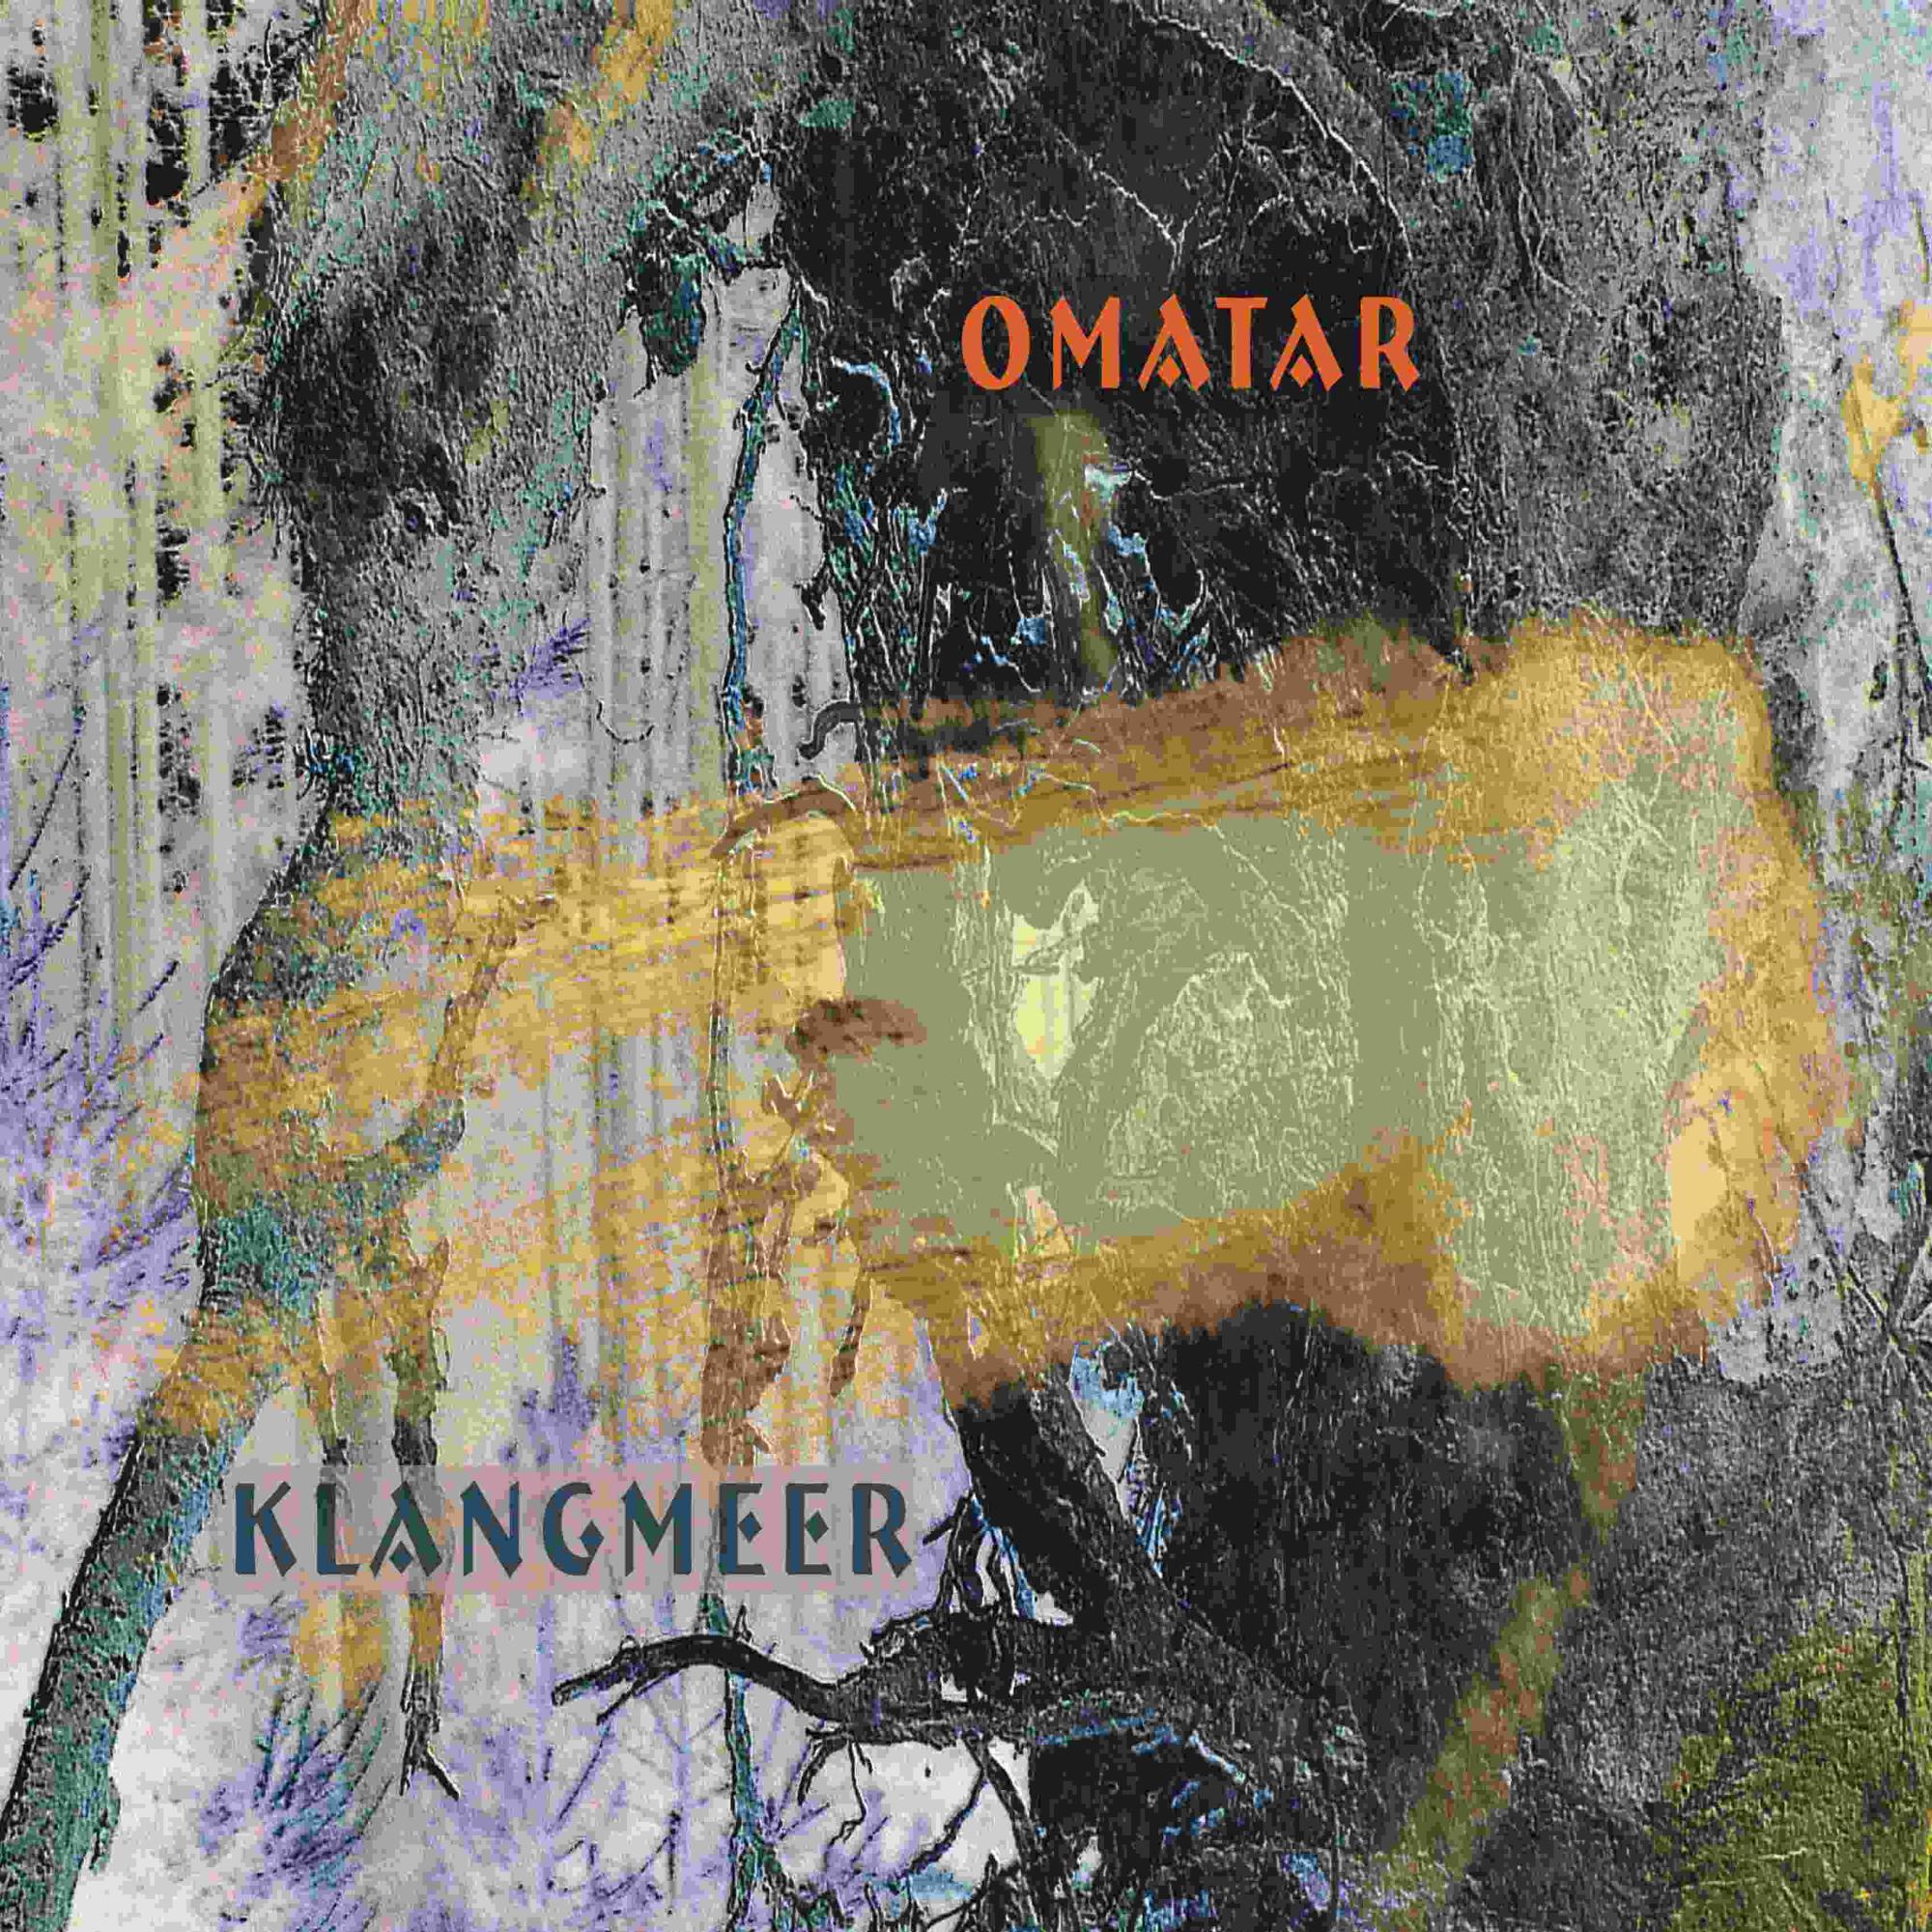 Omatar-Klangmeer